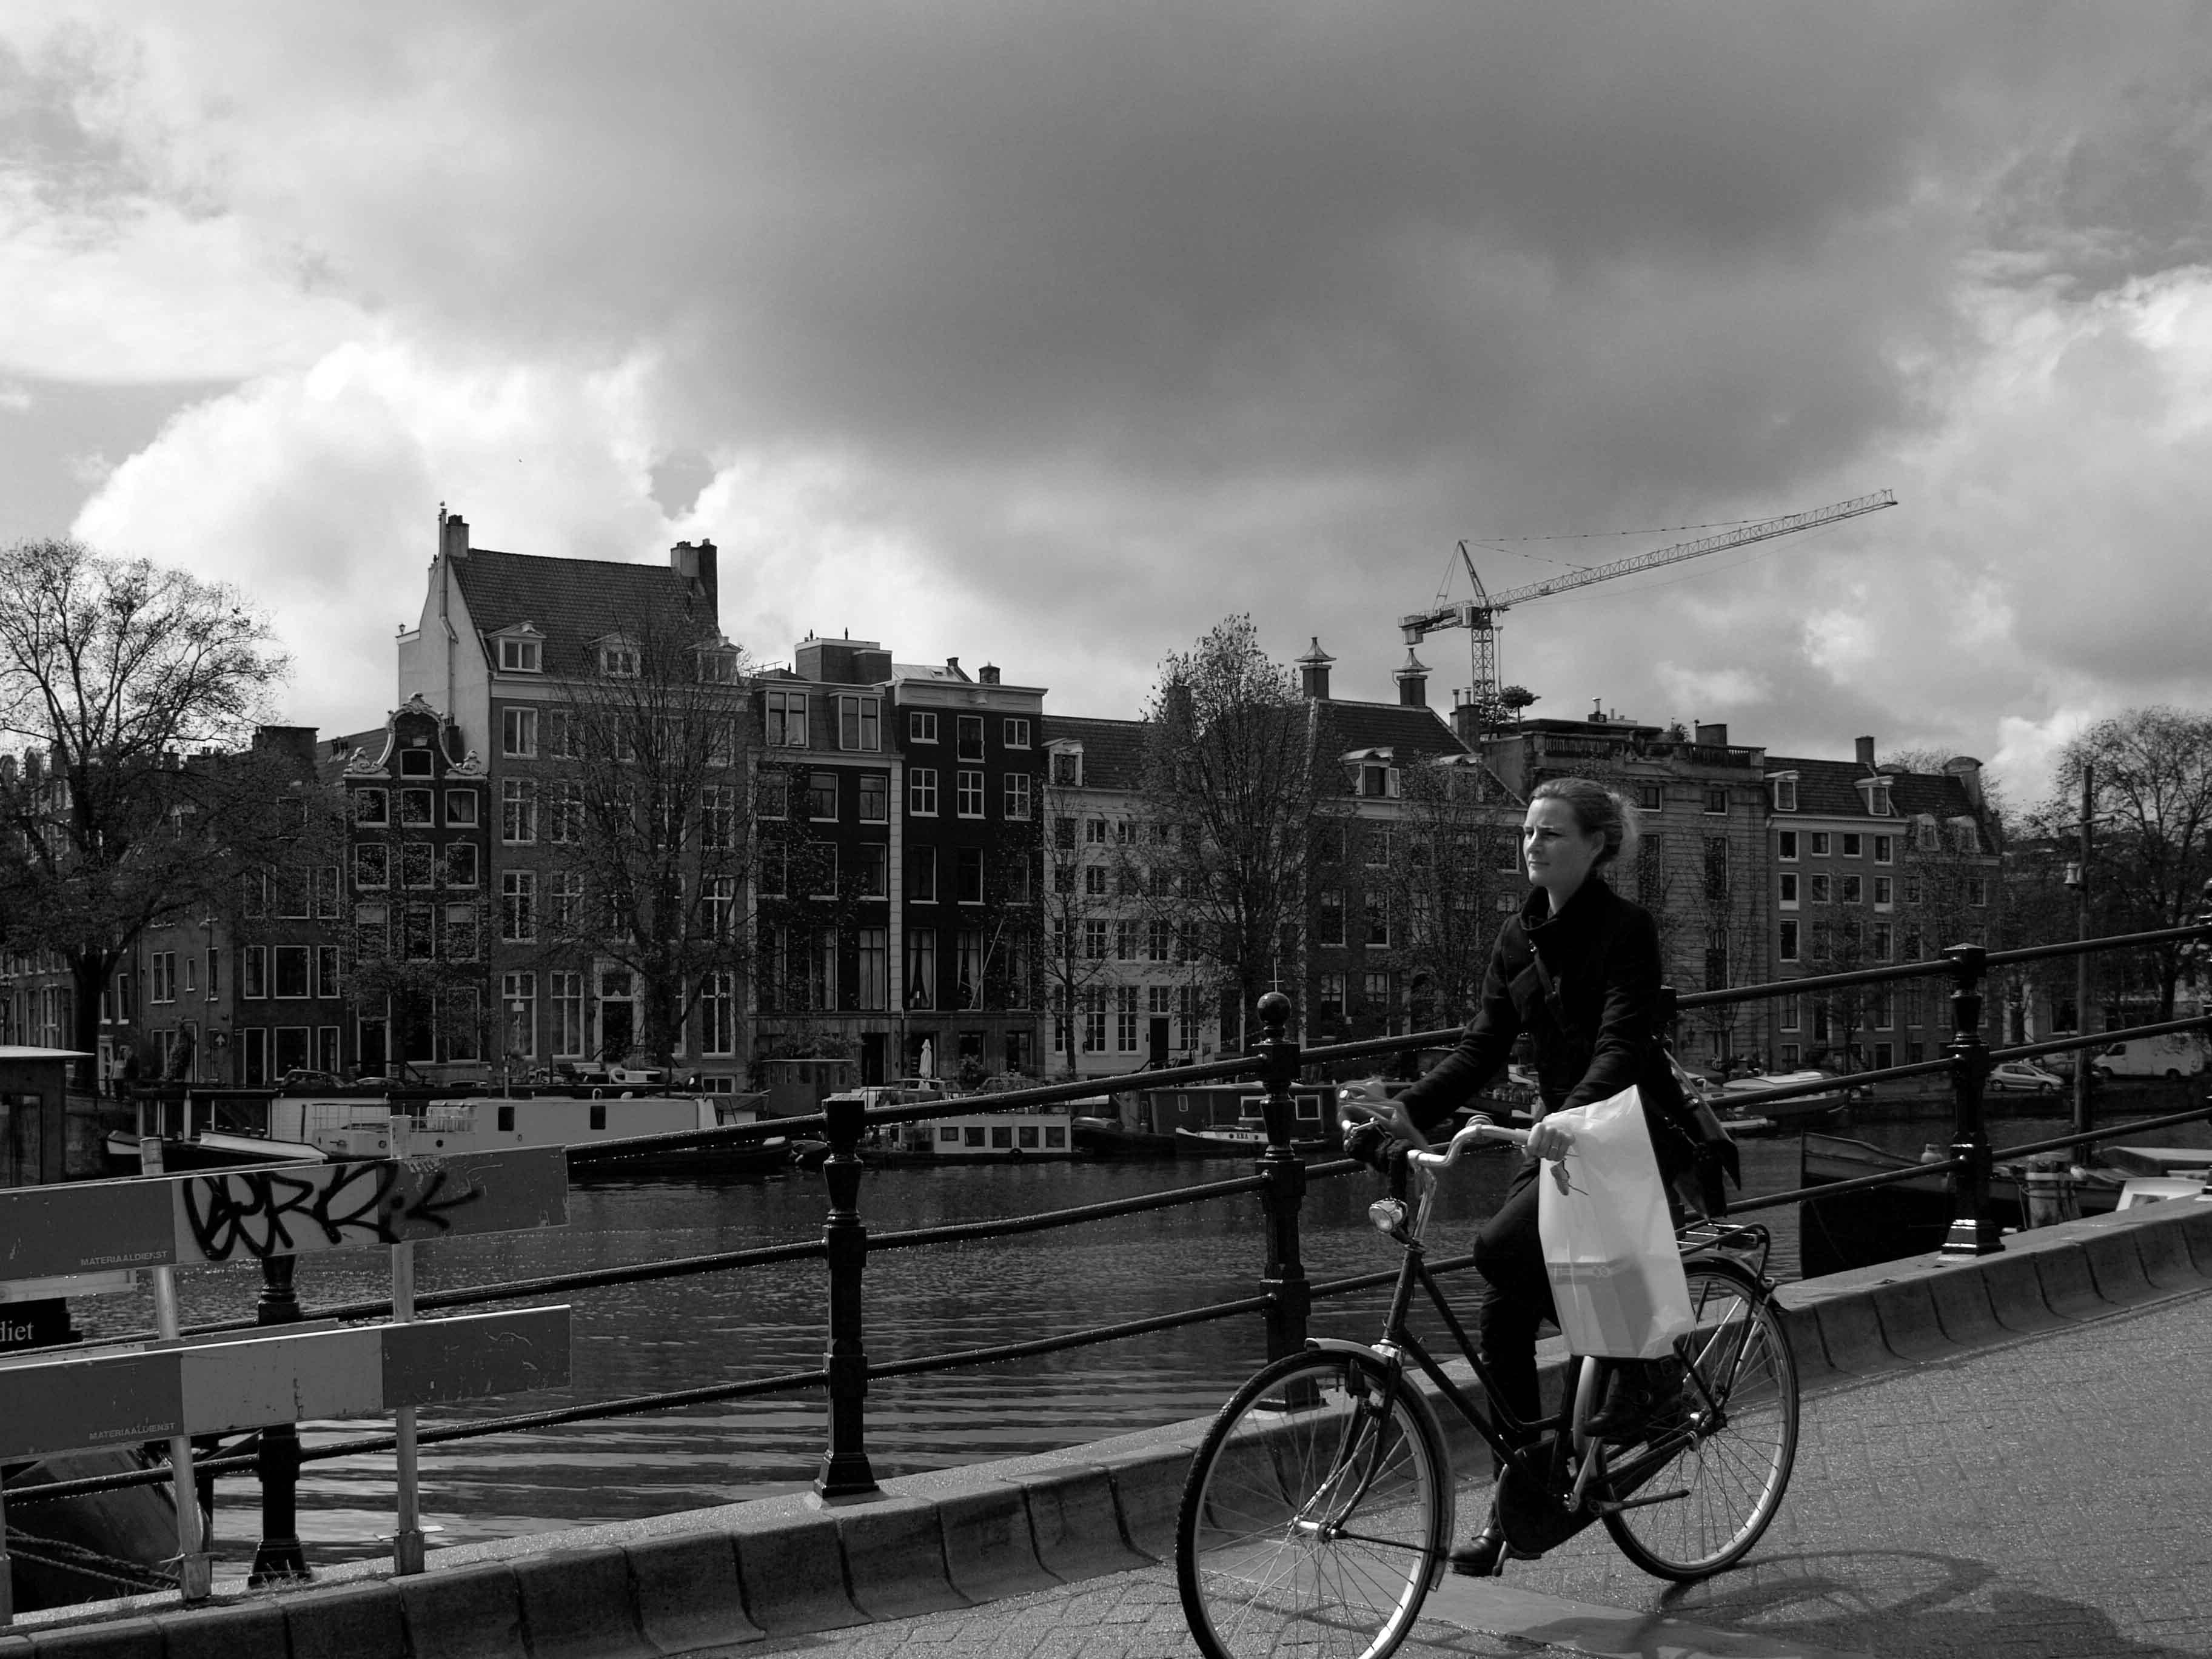 【アムステルダム】 橋の3_b0148617_14543175.jpg